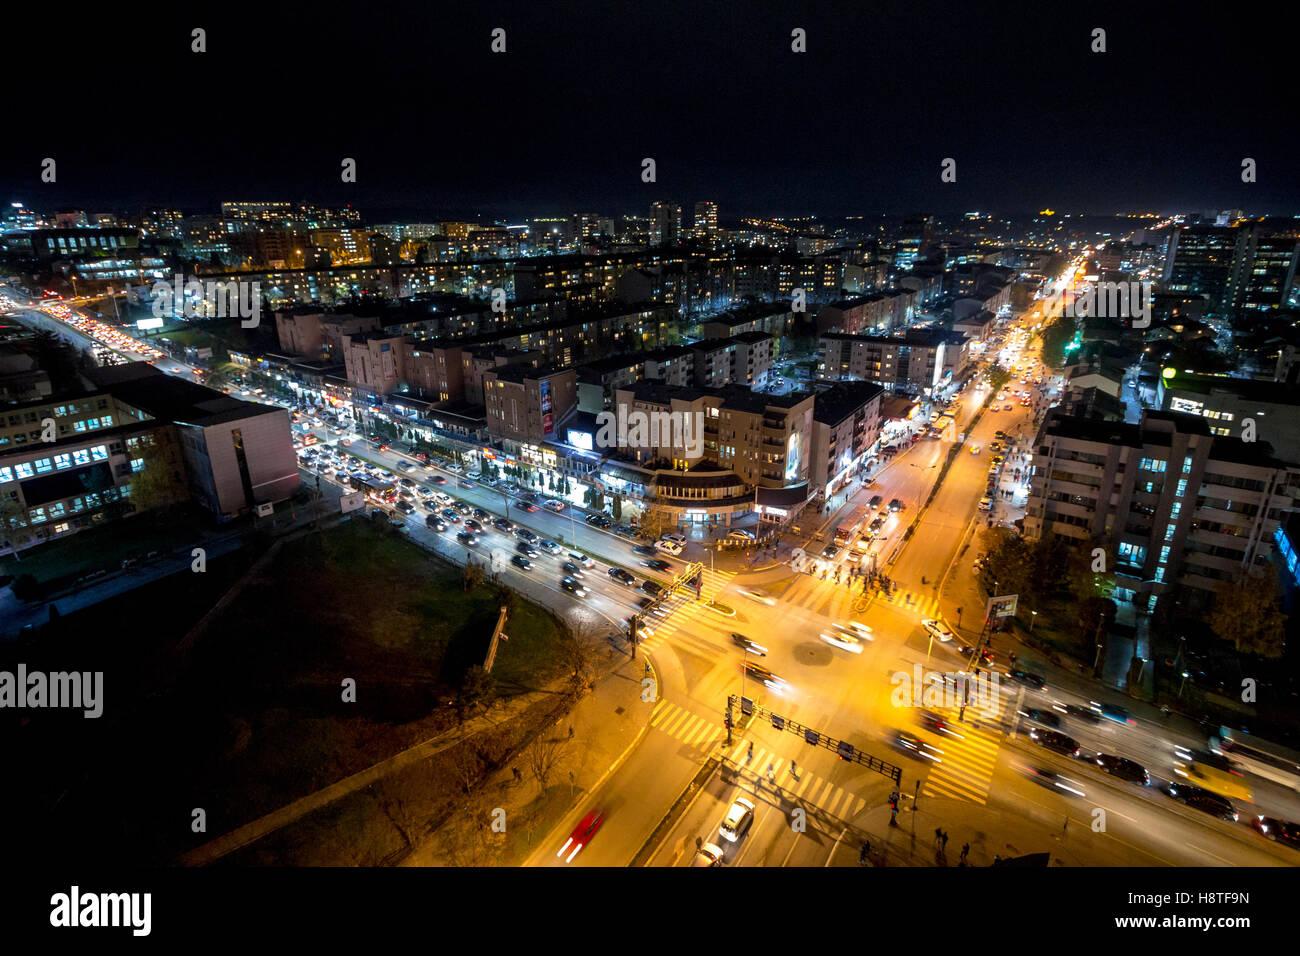 Nachtansicht von der Kreuzung zwischen Bill Clinton Boulevard / w. Boulevard in Pristina, Kosovo. Stockbild